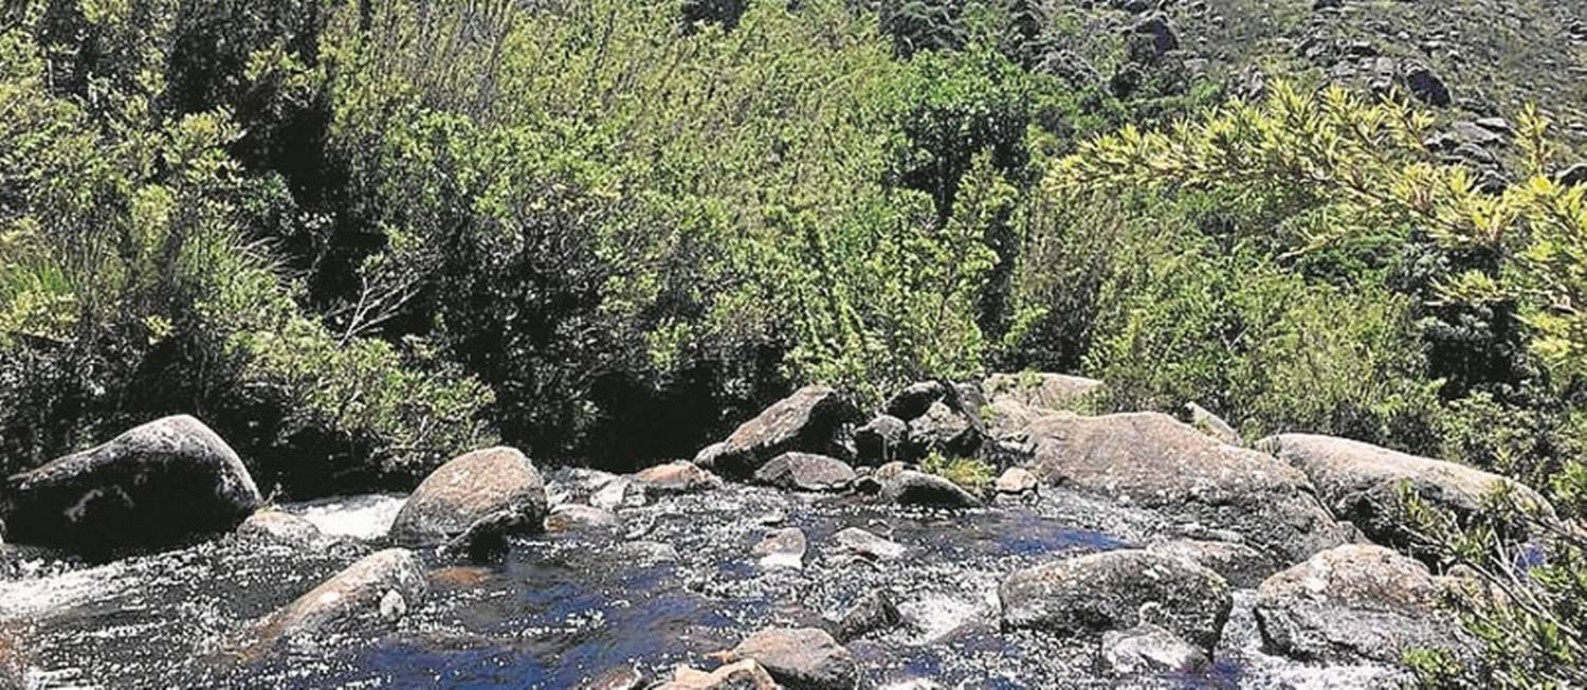 Parque Nacional do Itatiaia: agrotóxico ameaça região preservada Foto: Ana Lucia Azevedo